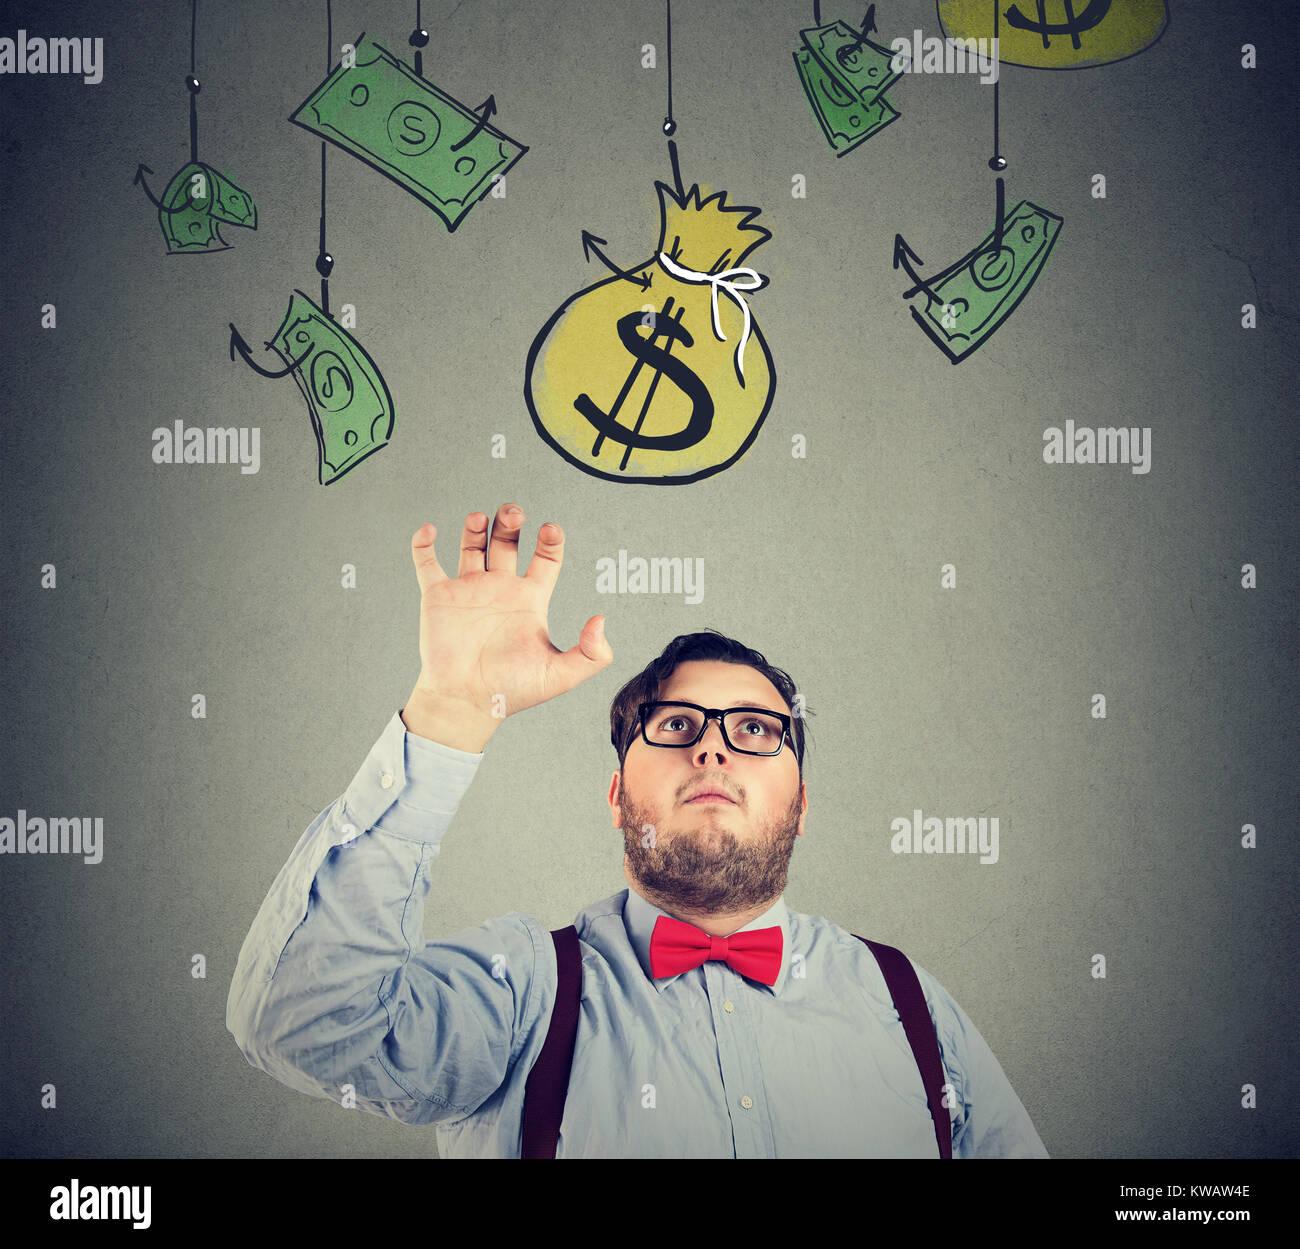 Chunky uomo in abbigliamento formale afferrando il sacco di soldi la conduzione di un'azienda. Immagini Stock